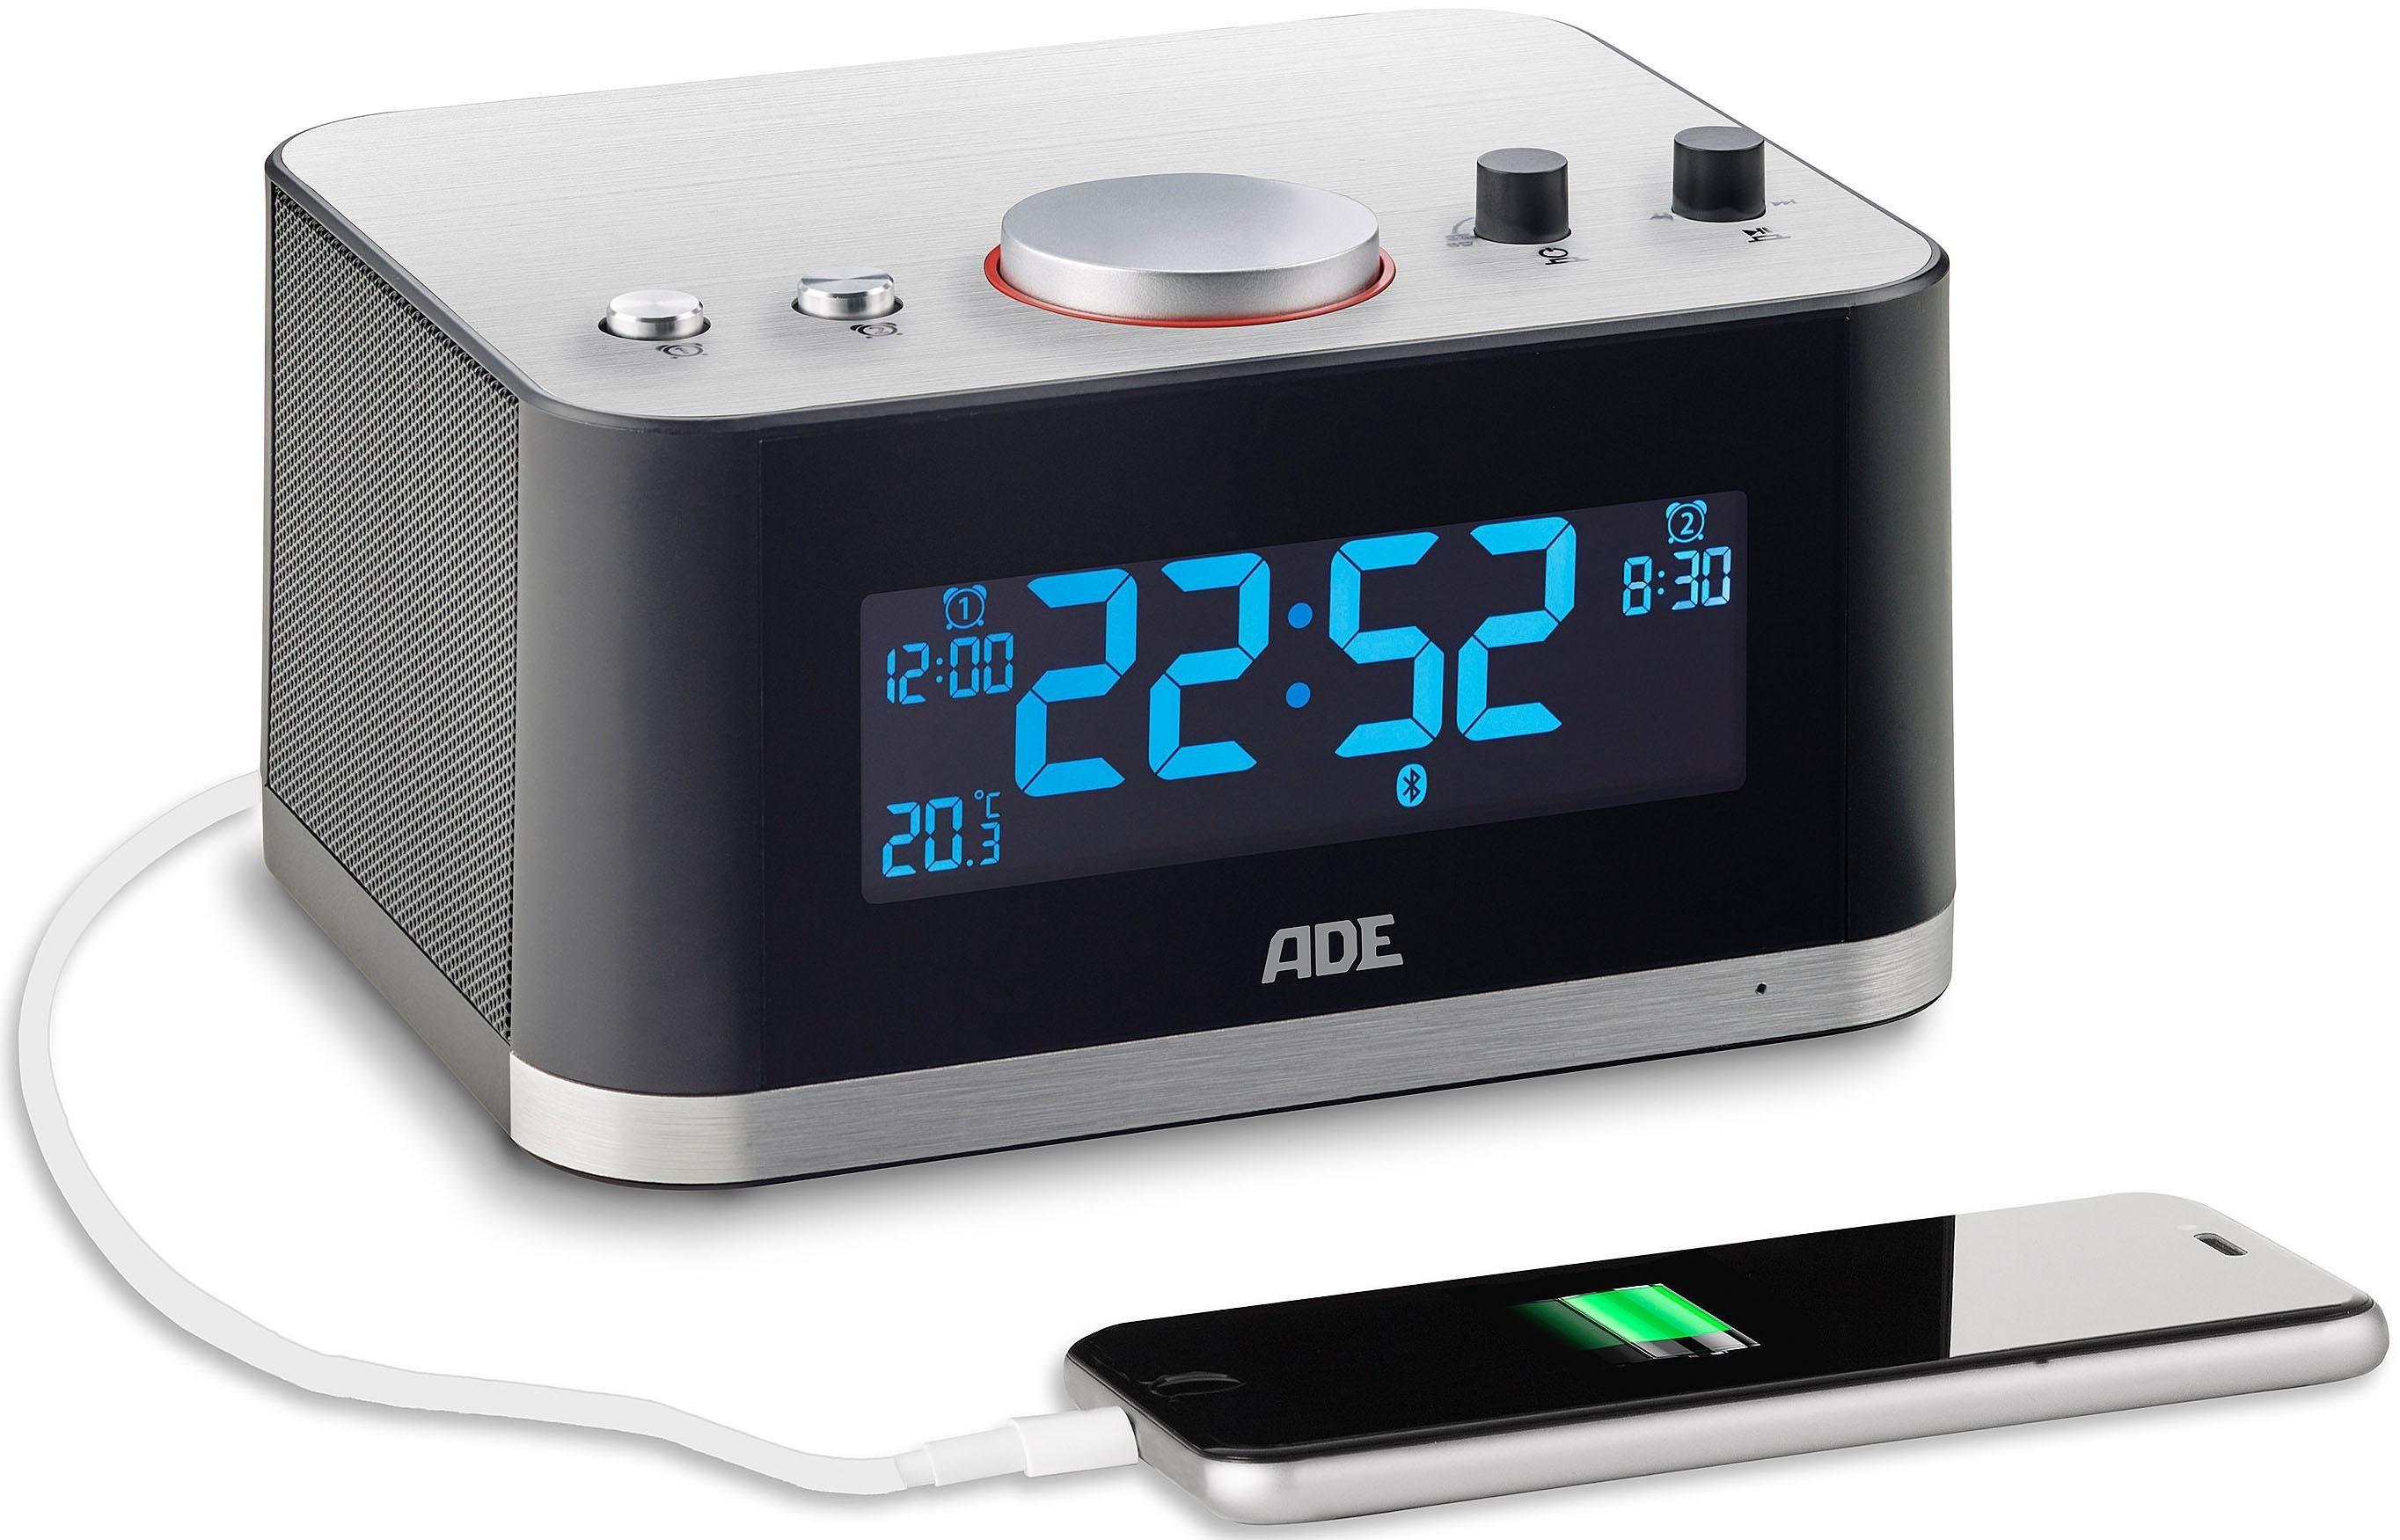 ADE Multimediawecker mit Bluetooth-Lautsprecher CK 1706, Traumhaft vielseitig – Aufwachen mit Lieblinsmusik, Einschlafen mit Hörbuch   Dekoration > Uhren > Wecker   Schwarz   Abs   ADE